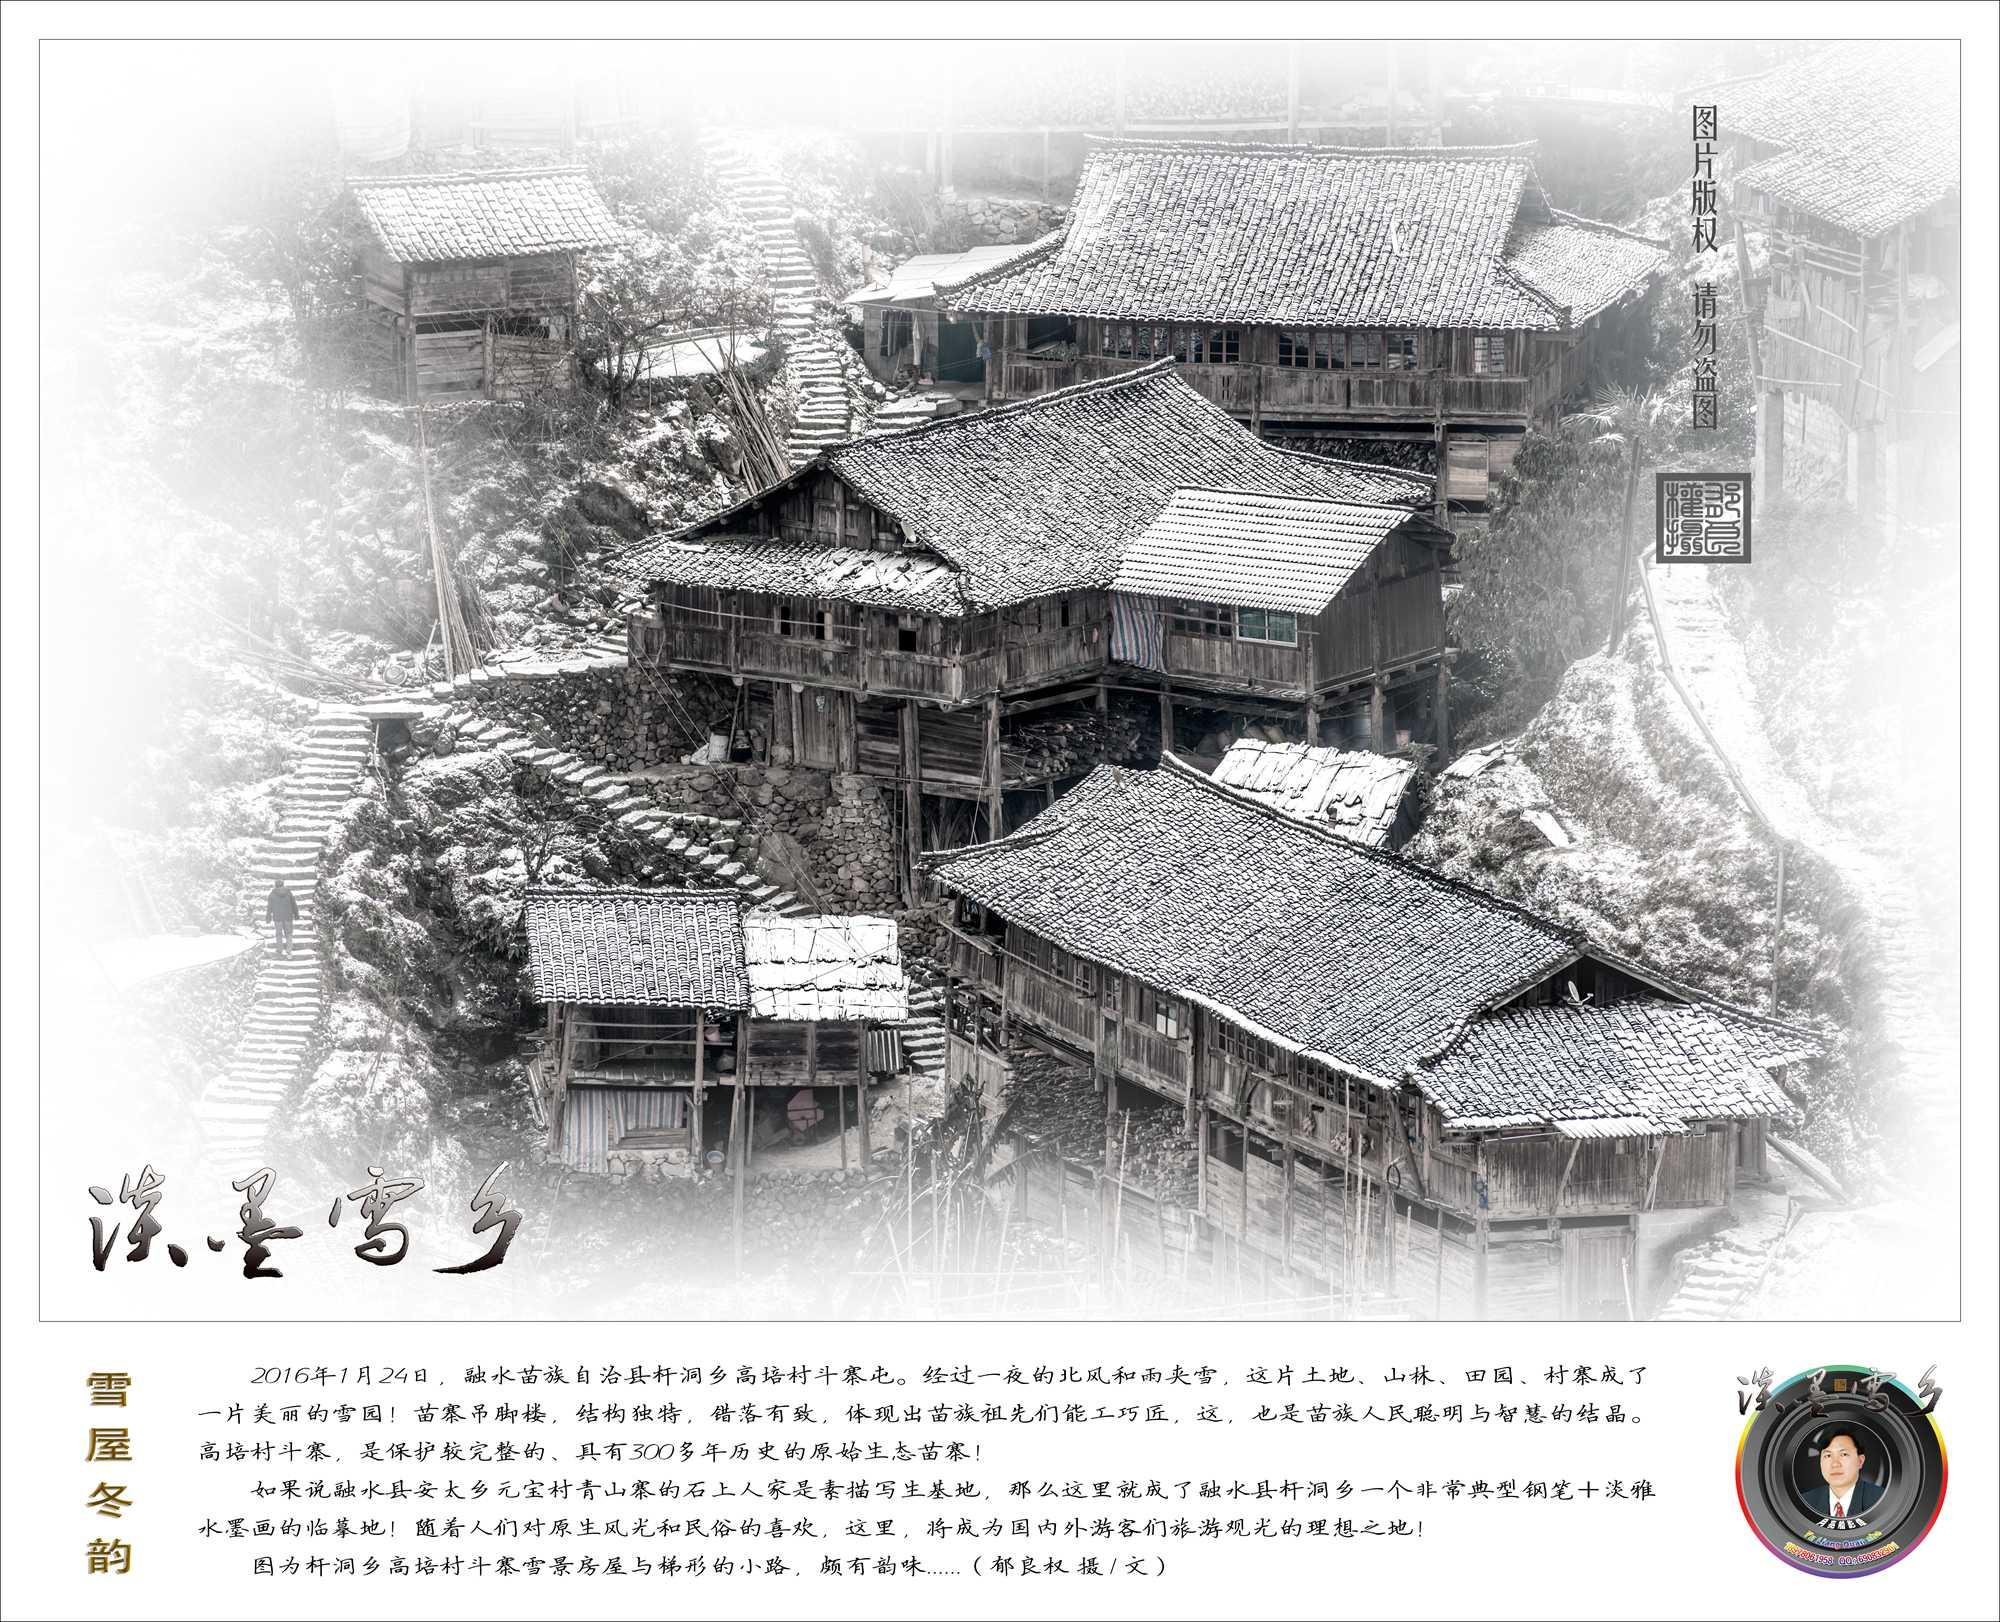 (02)《雪屋冬韵》_DSC9678(作品美).jpg